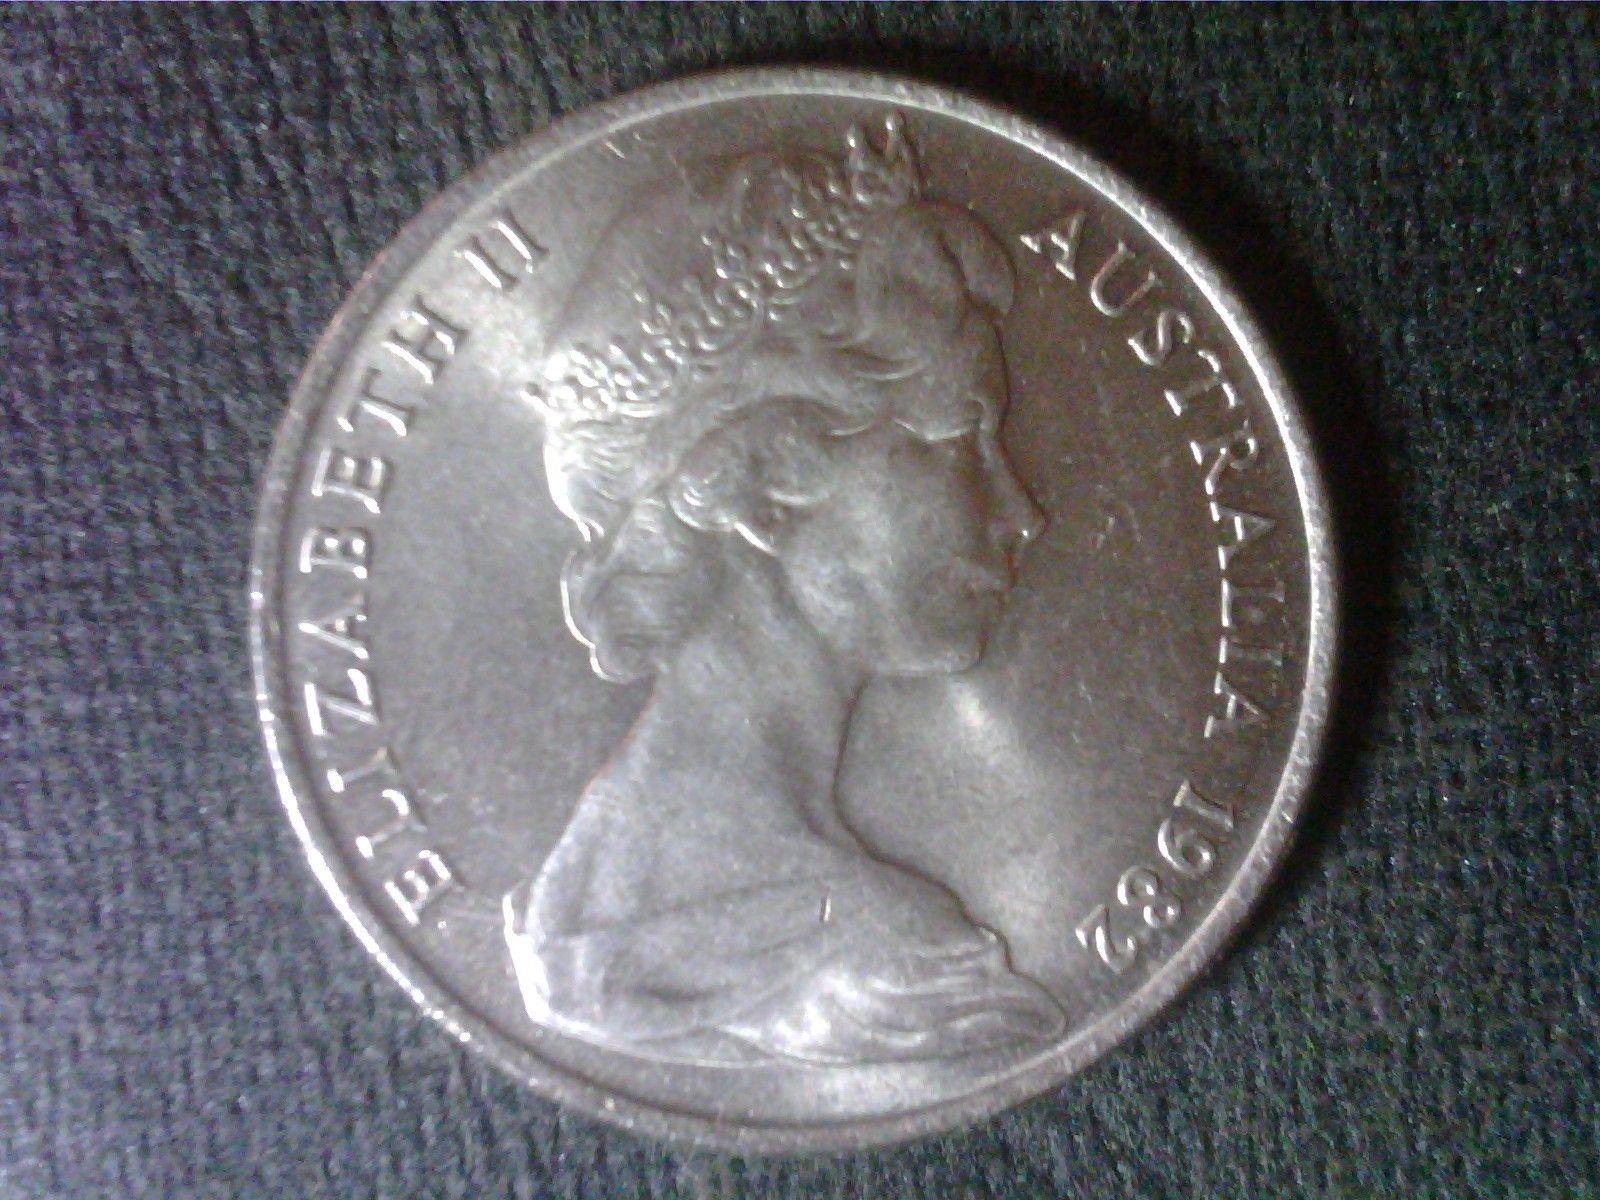 Цена монеты 10 центов (cents) 1982 года Австралия: стоимость